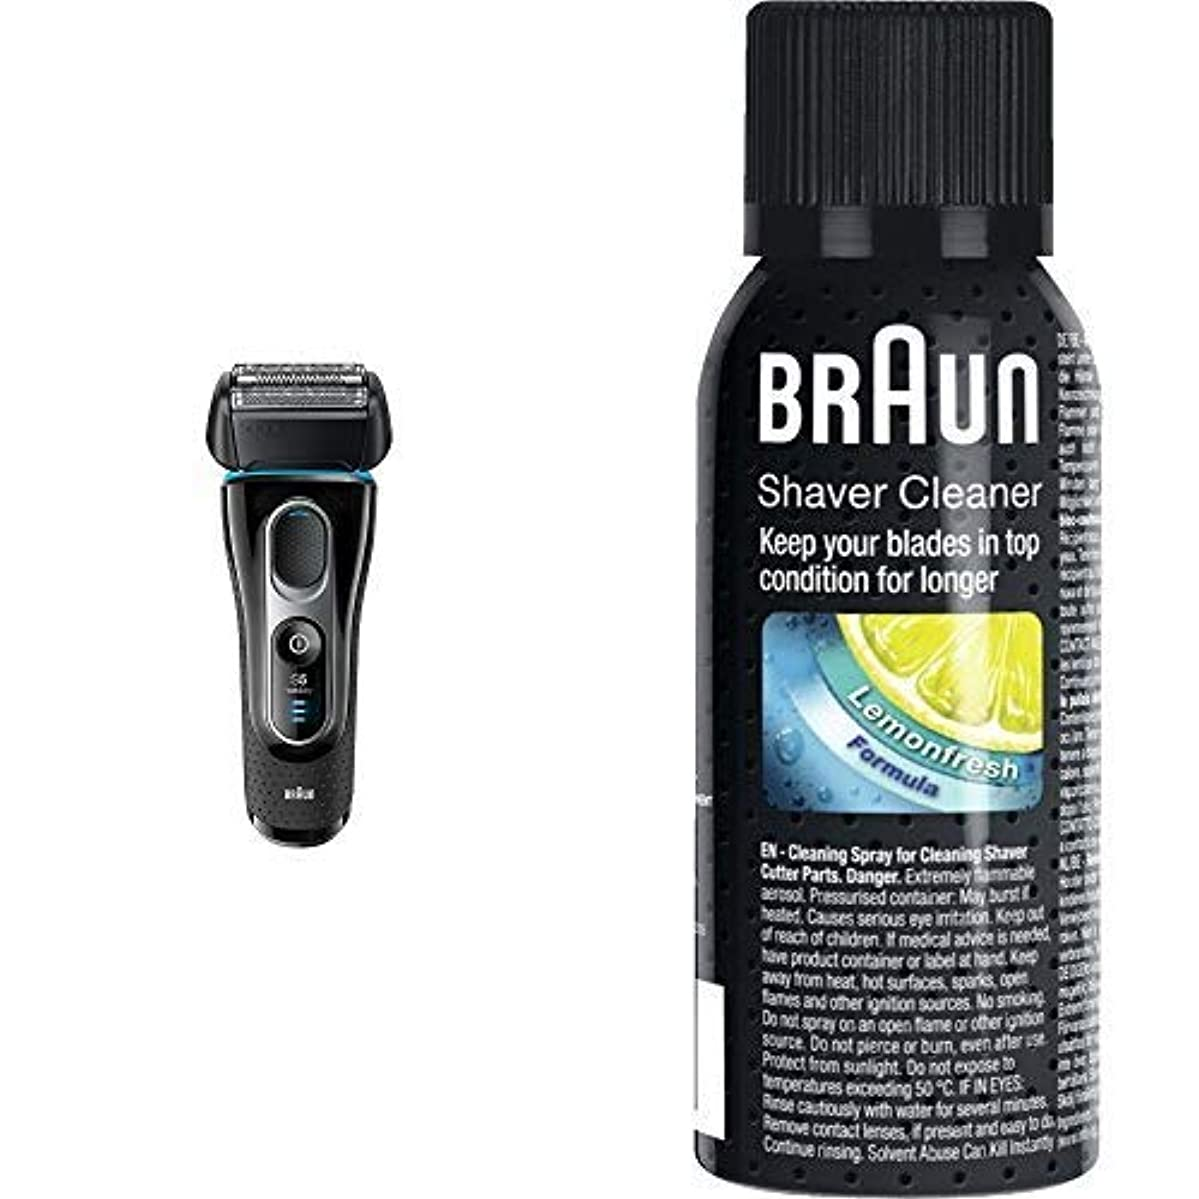 お気に入りホームレスレジブラウン シリーズ5 メンズ電気シェーバー 5147s 4カットシステム 水洗い/お風呂剃り可 & シェーバークリーナー SC8000 SC8000